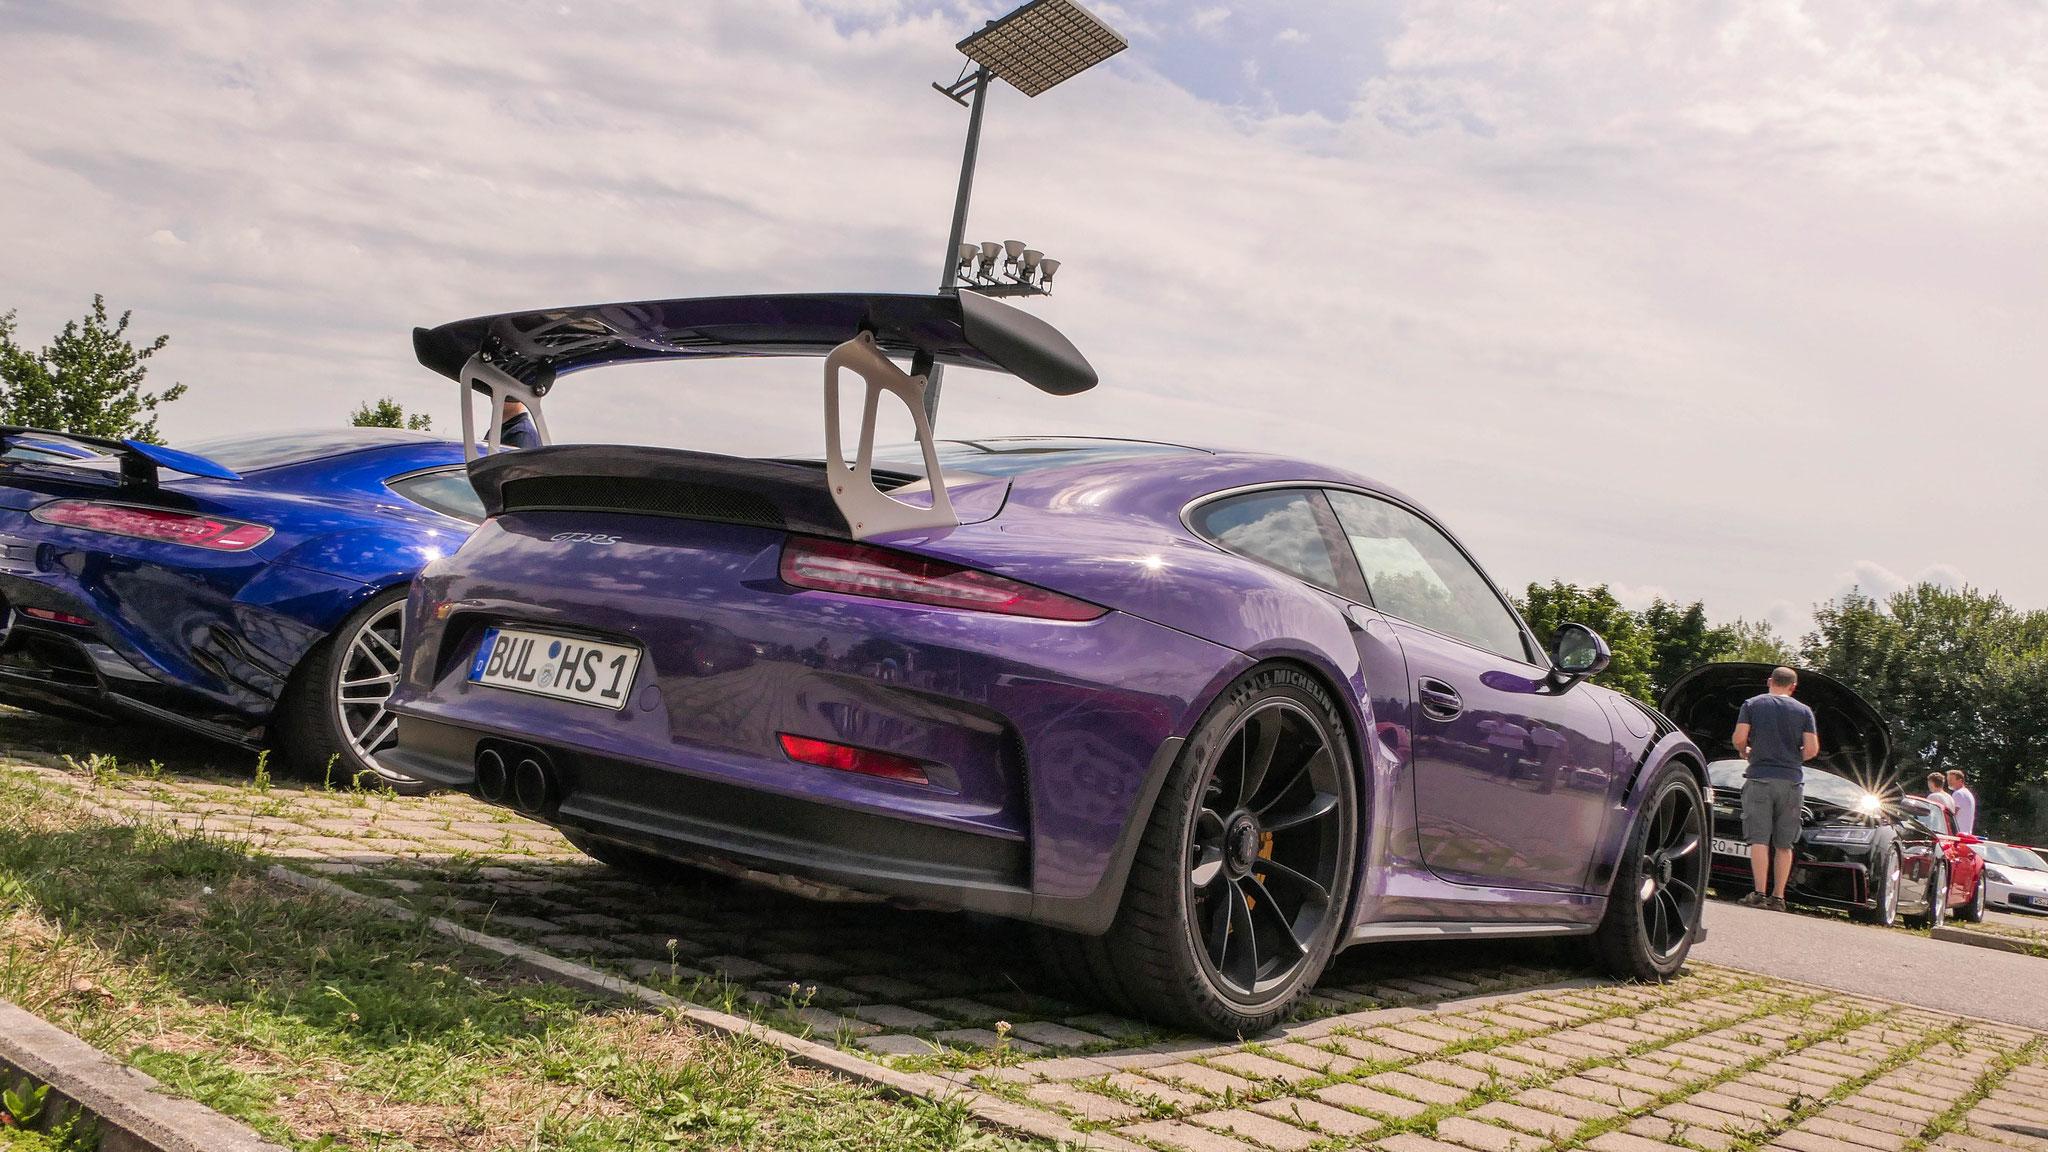 Porsche 911 GT3 RS - BUL-HS-1